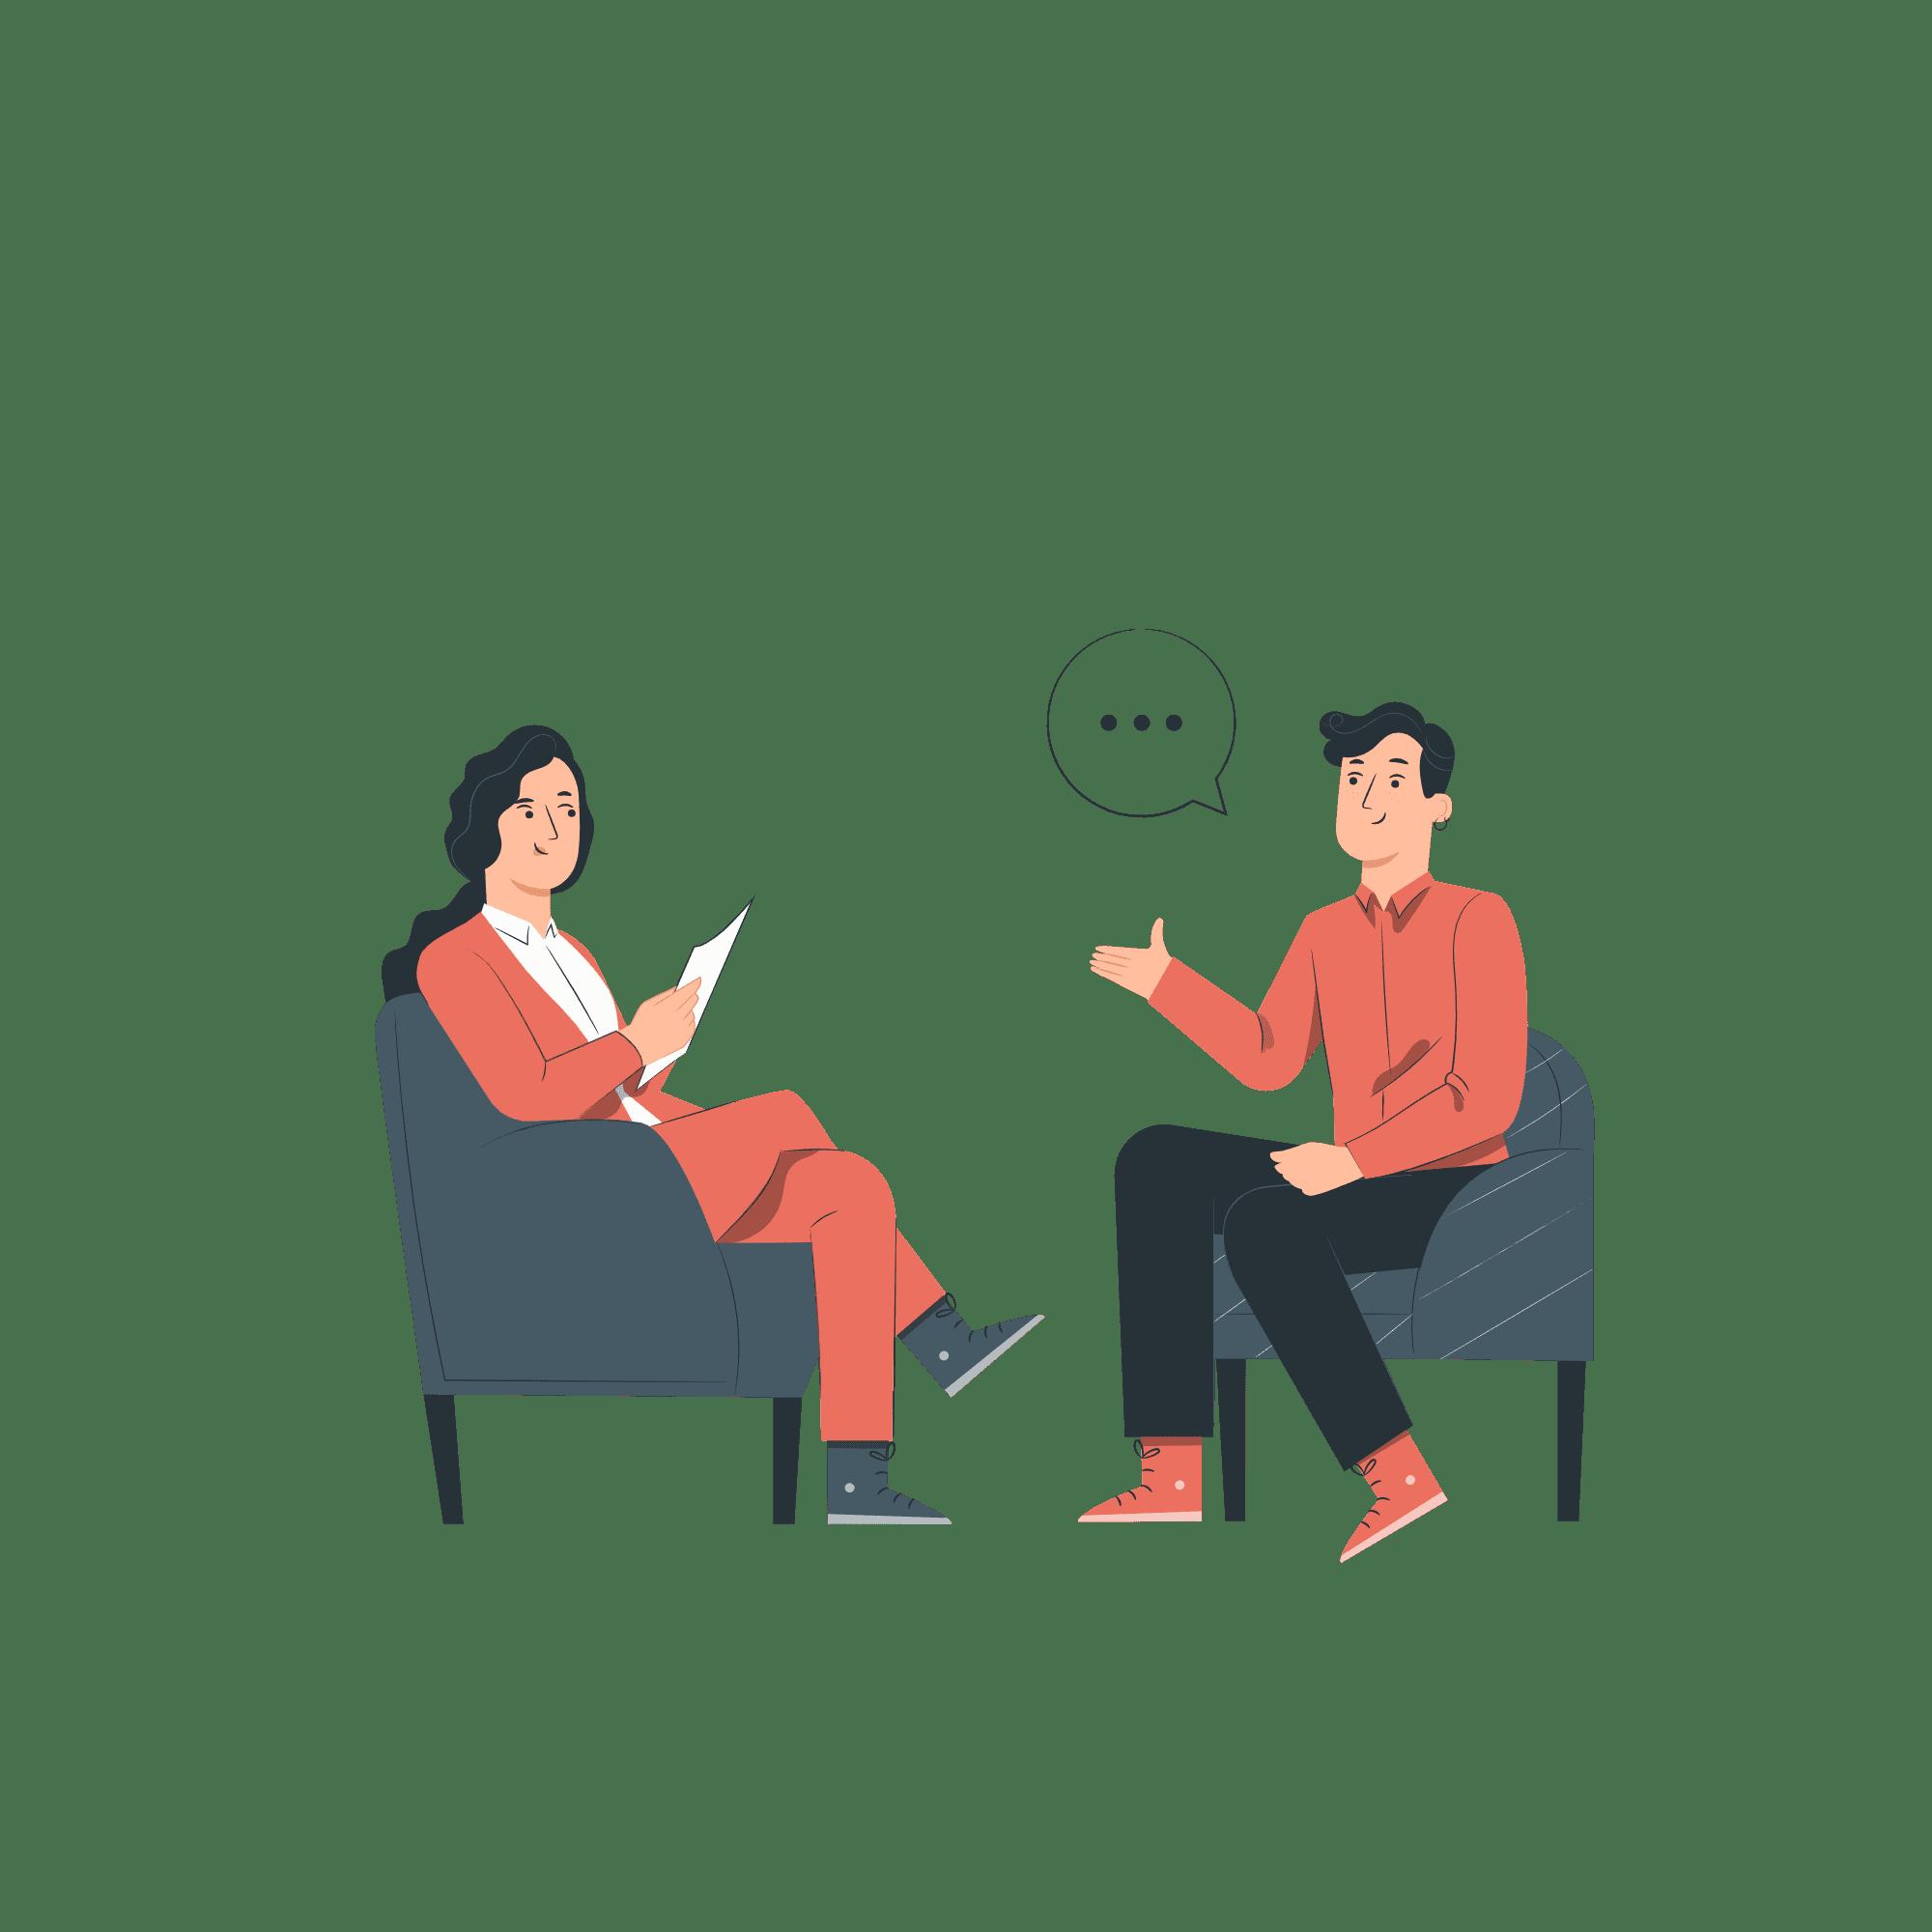 work interview illustration